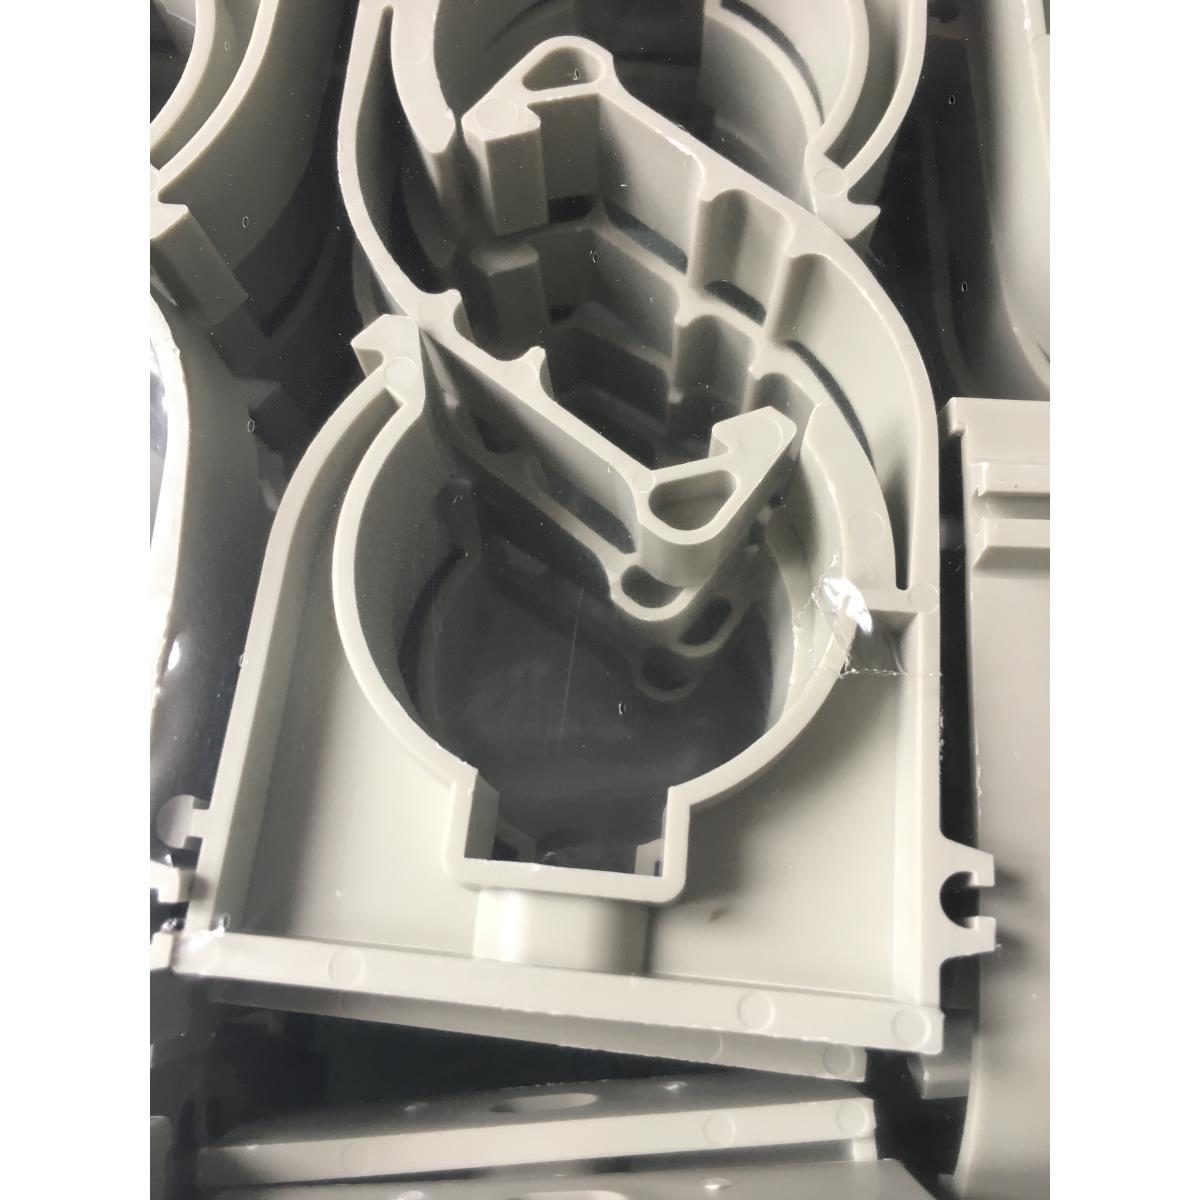 50 x Rohrclips Einfach 40mm Rohrbefestigung Rohrschelle Rohrhalter Clip,chud,1K040P, 8595587405093